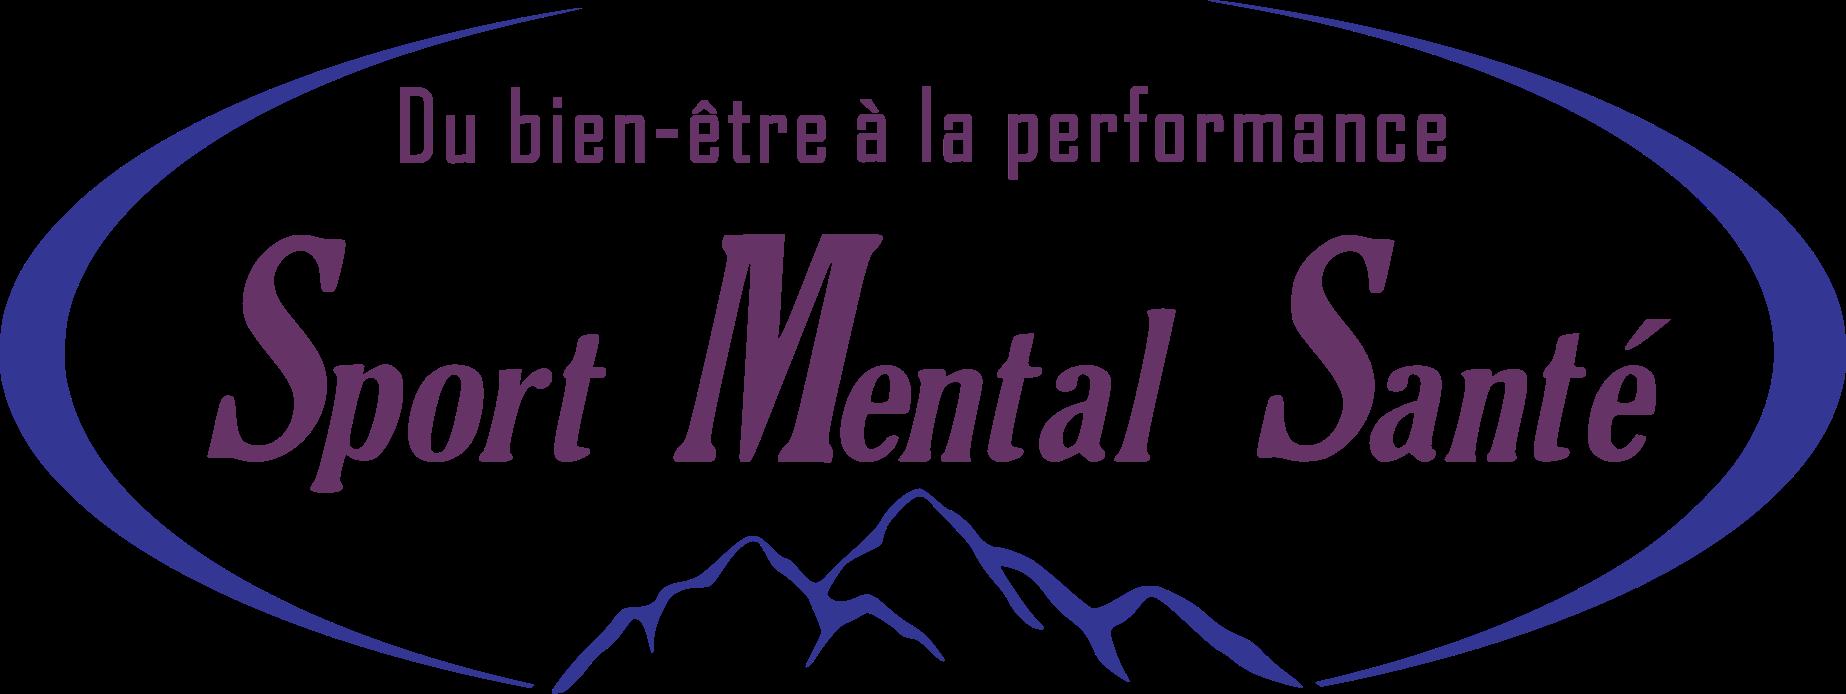 sport mental santé du bien être à la performance